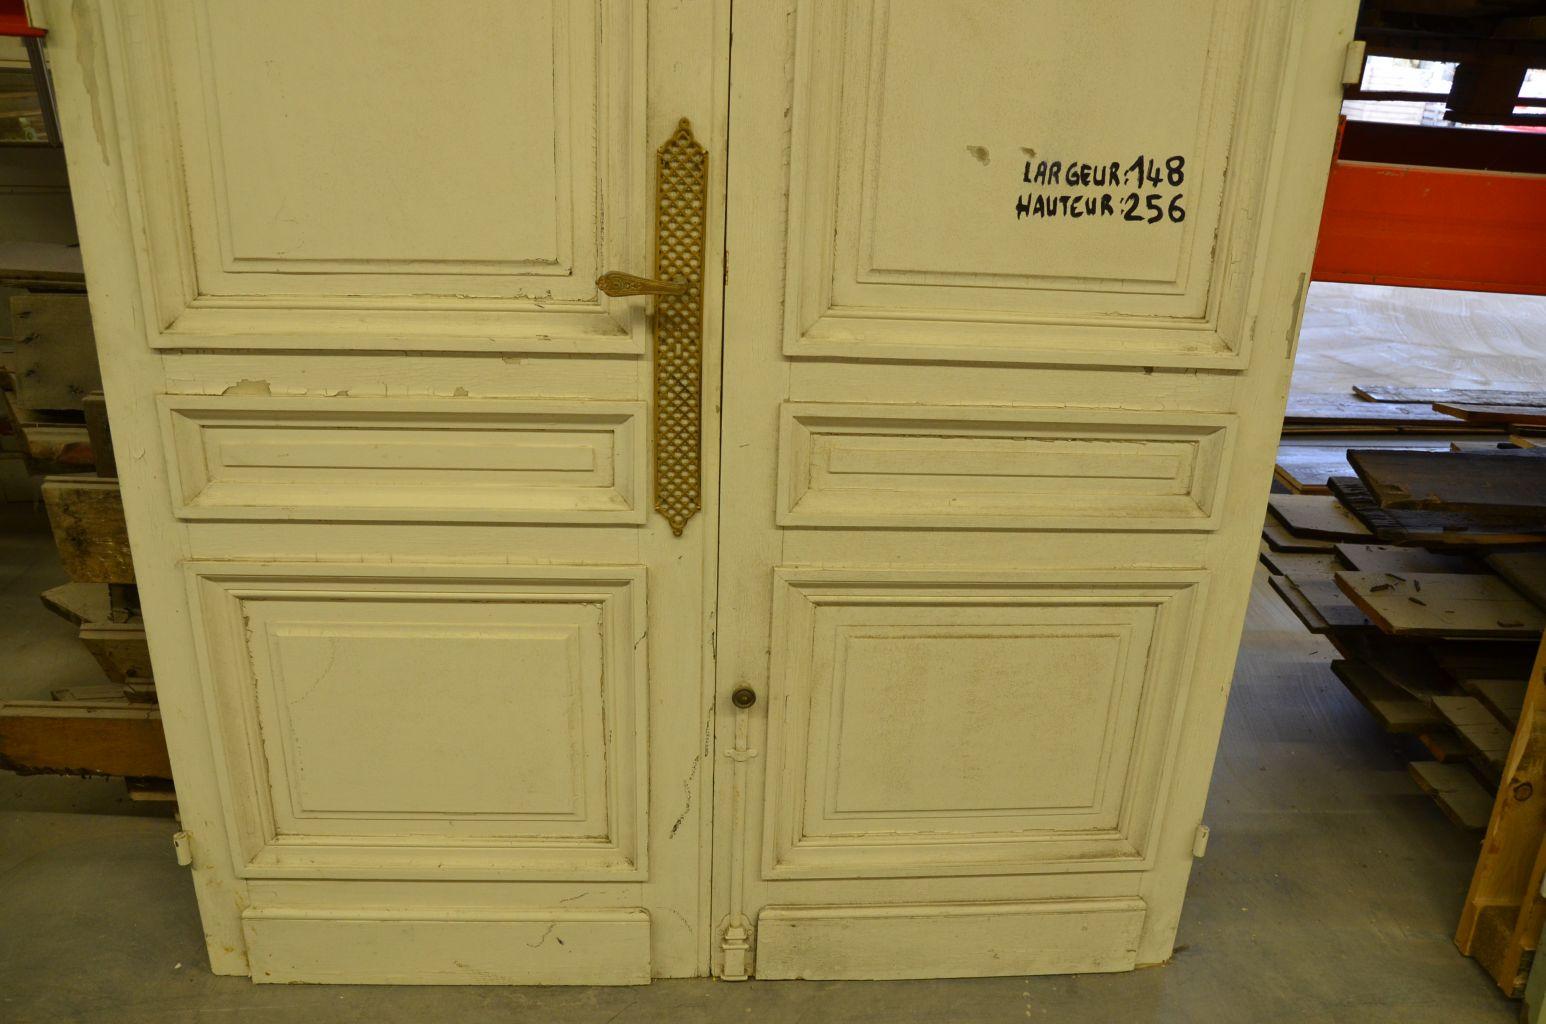 Antique interior french doors gallery doors design ideas antique french  doors interior gallery doors design ideas - Antique Interior French Doors Image Collections - Doors Design Ideas